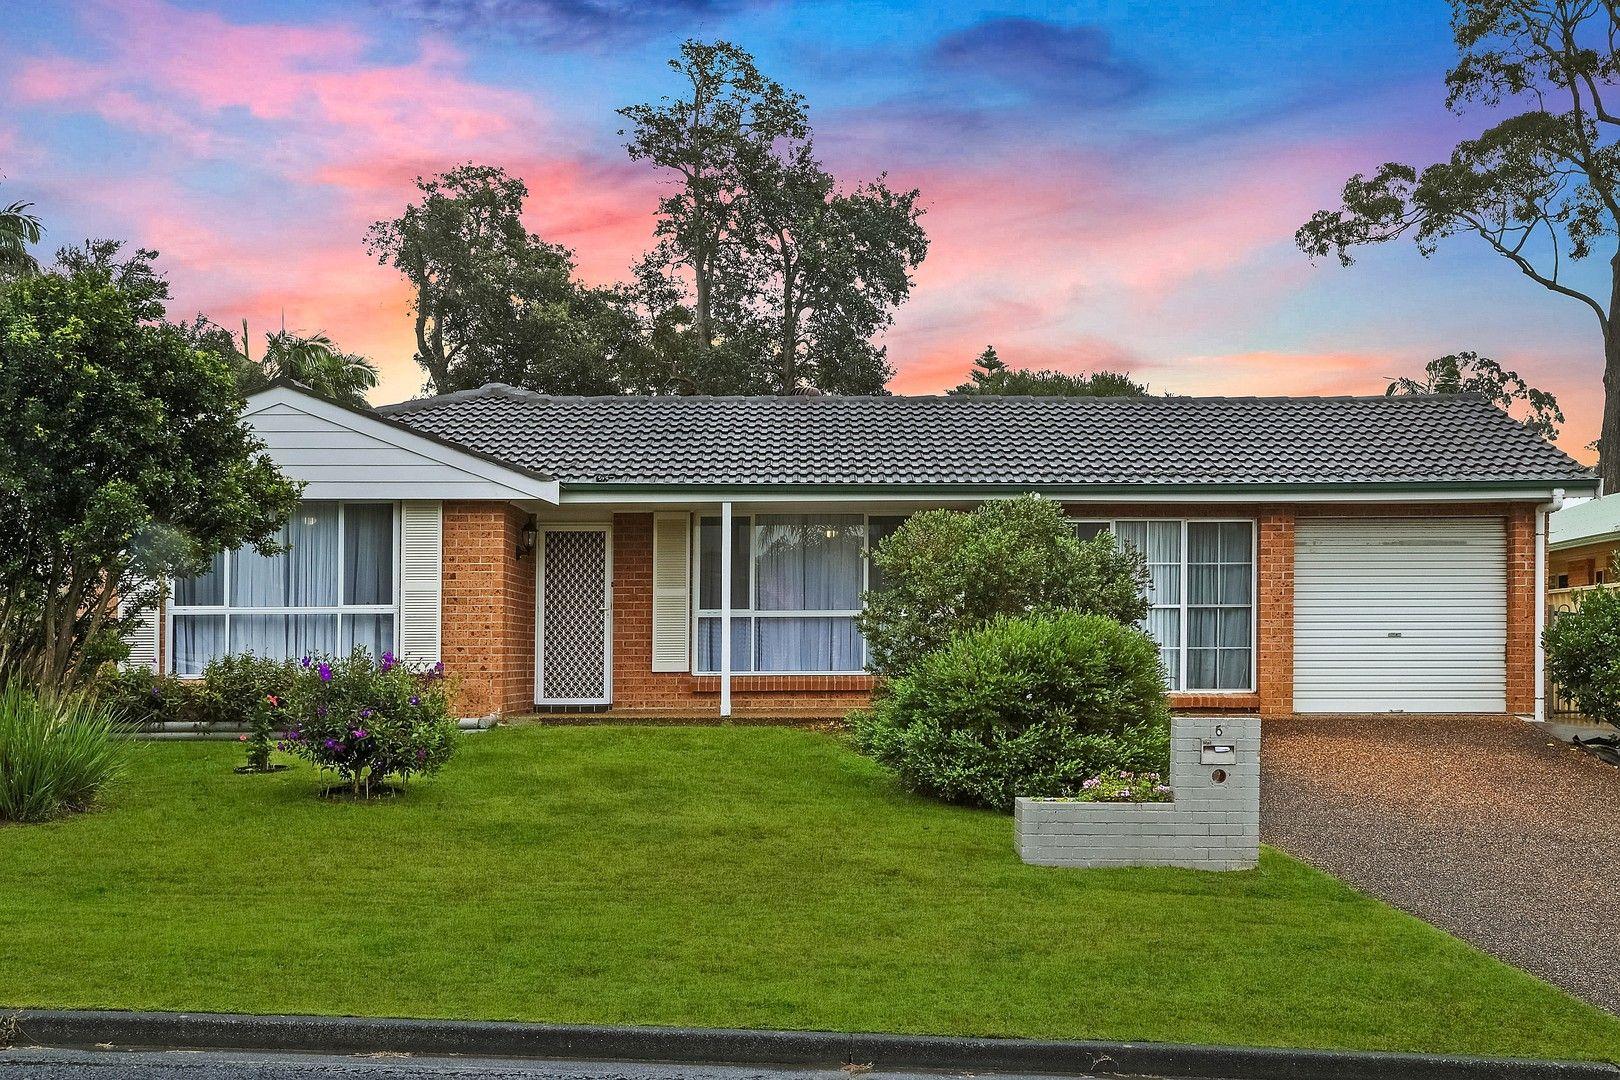 6 Skye Close, Bensville NSW 2251, Image 0